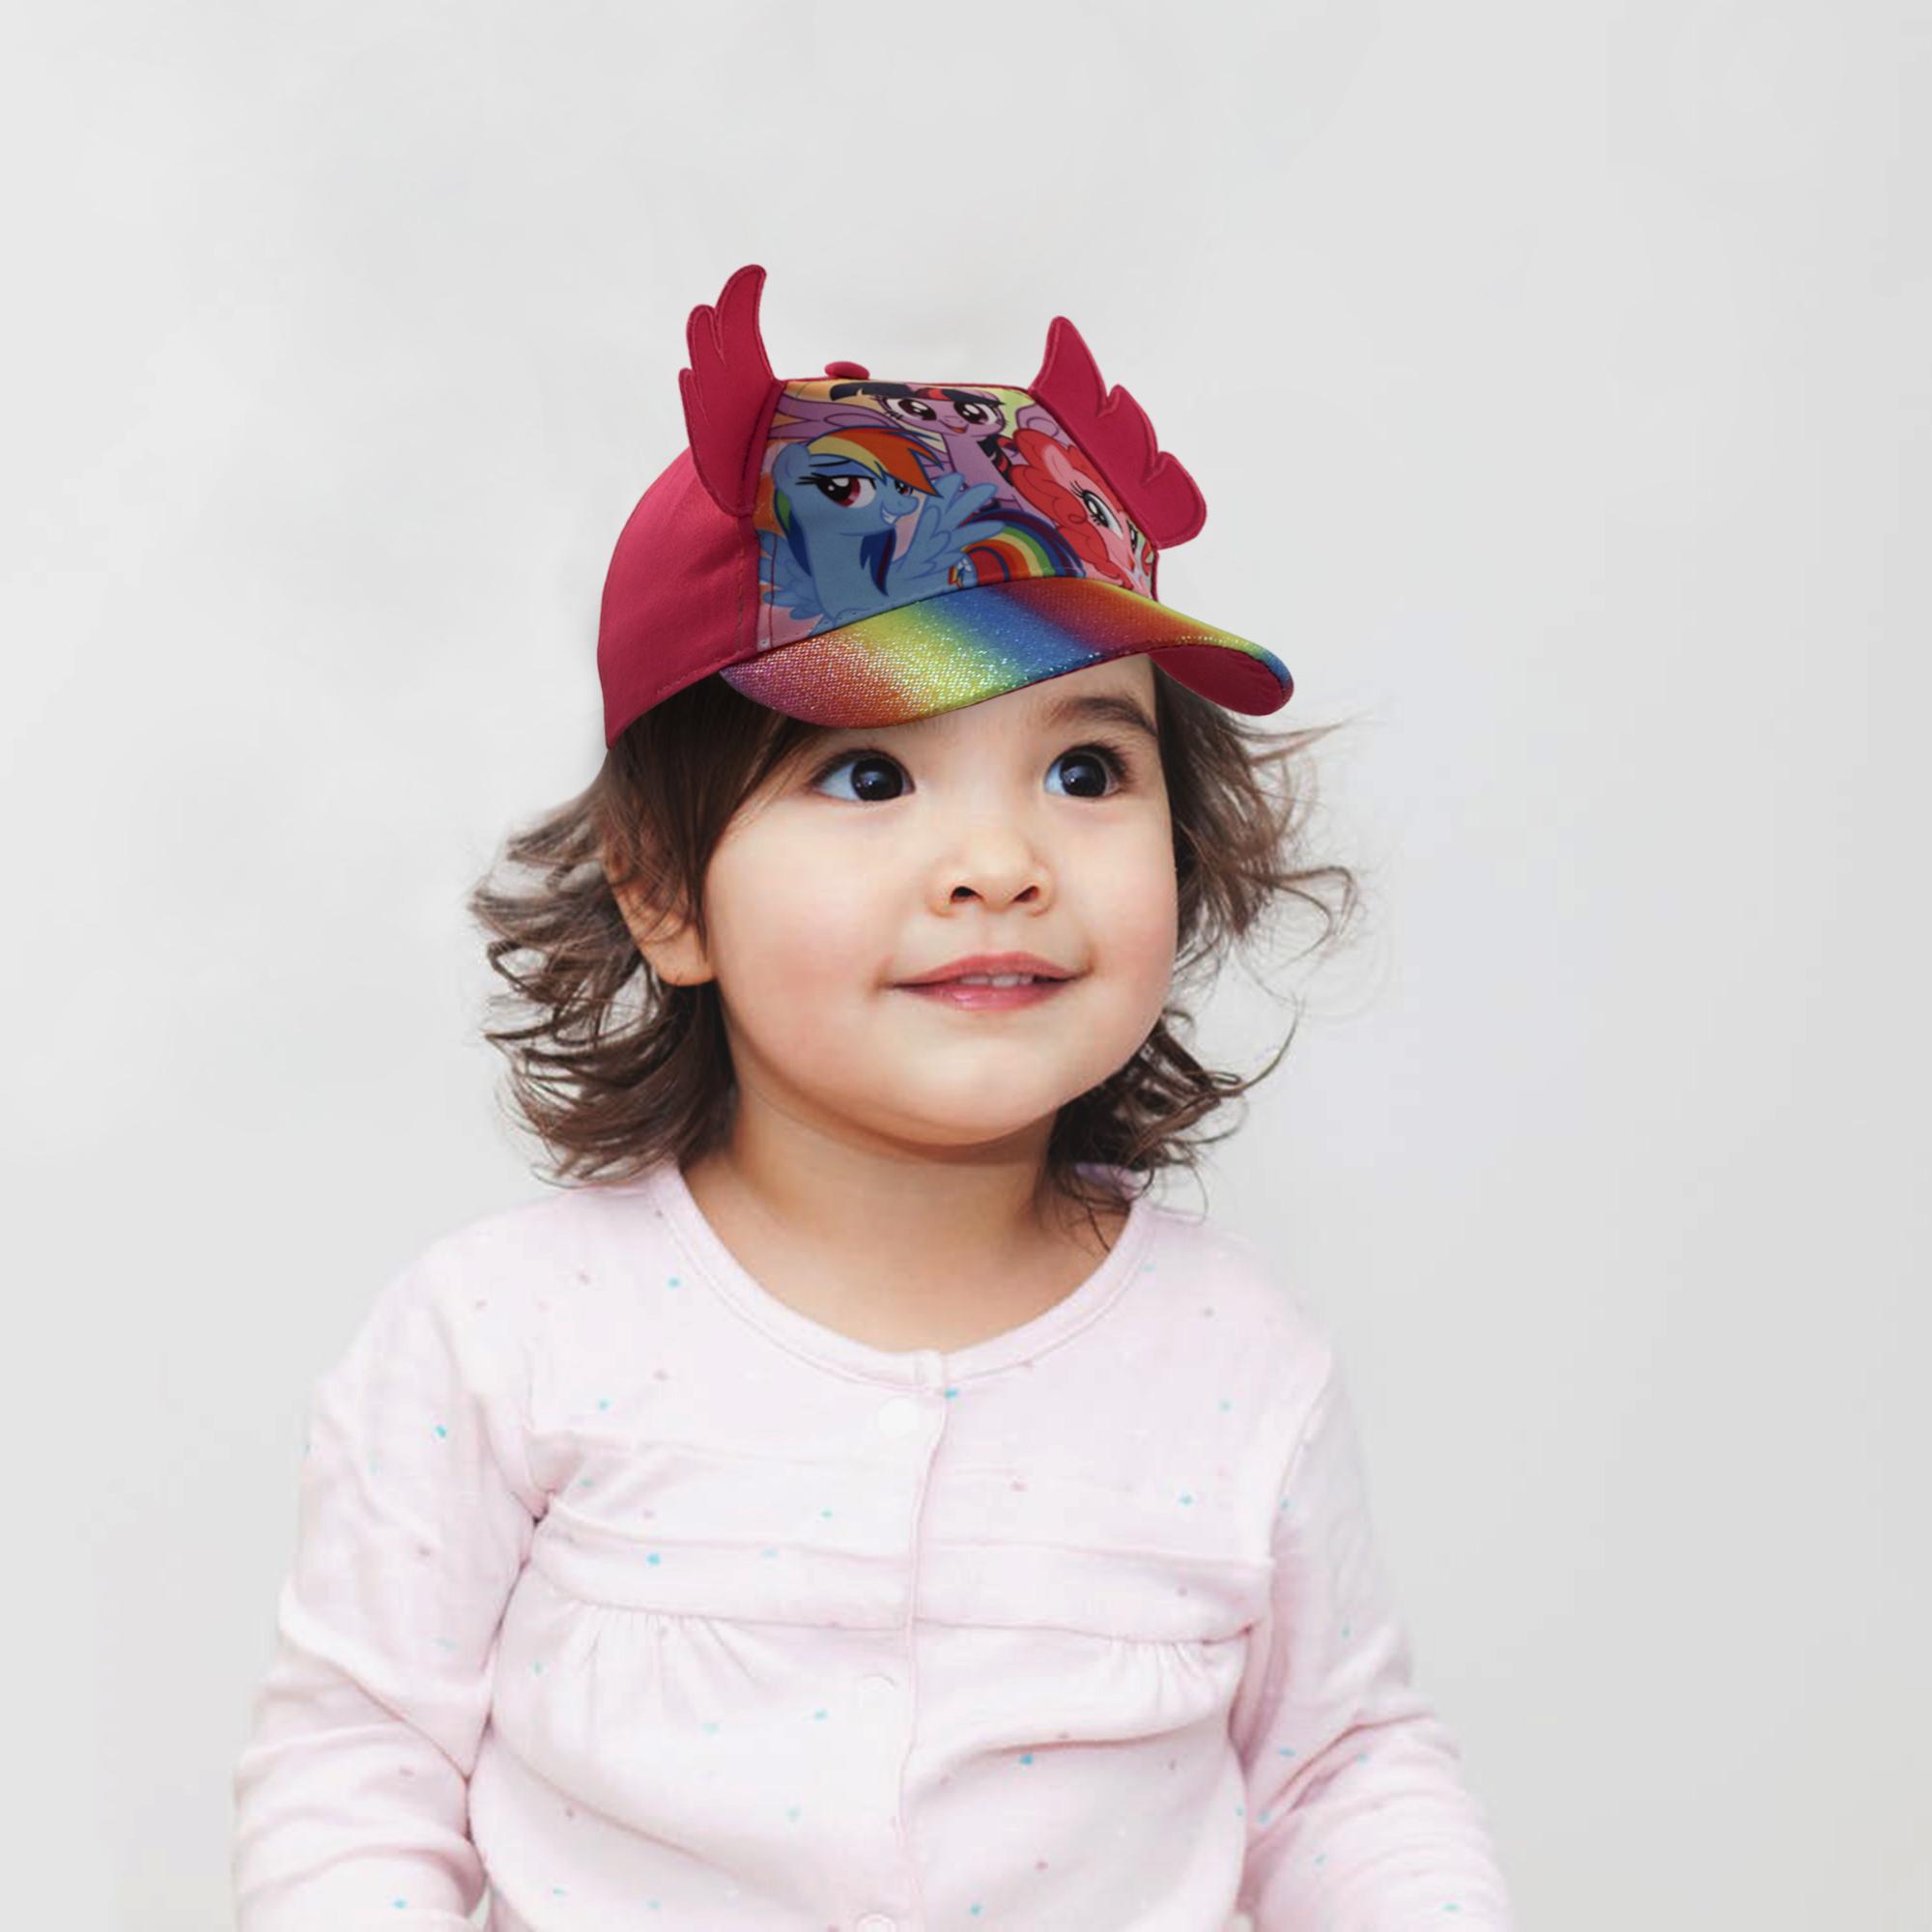 Hasbro Kids baseball Hat for Girls Ages 2-7 My Little Pony cap 3D Design